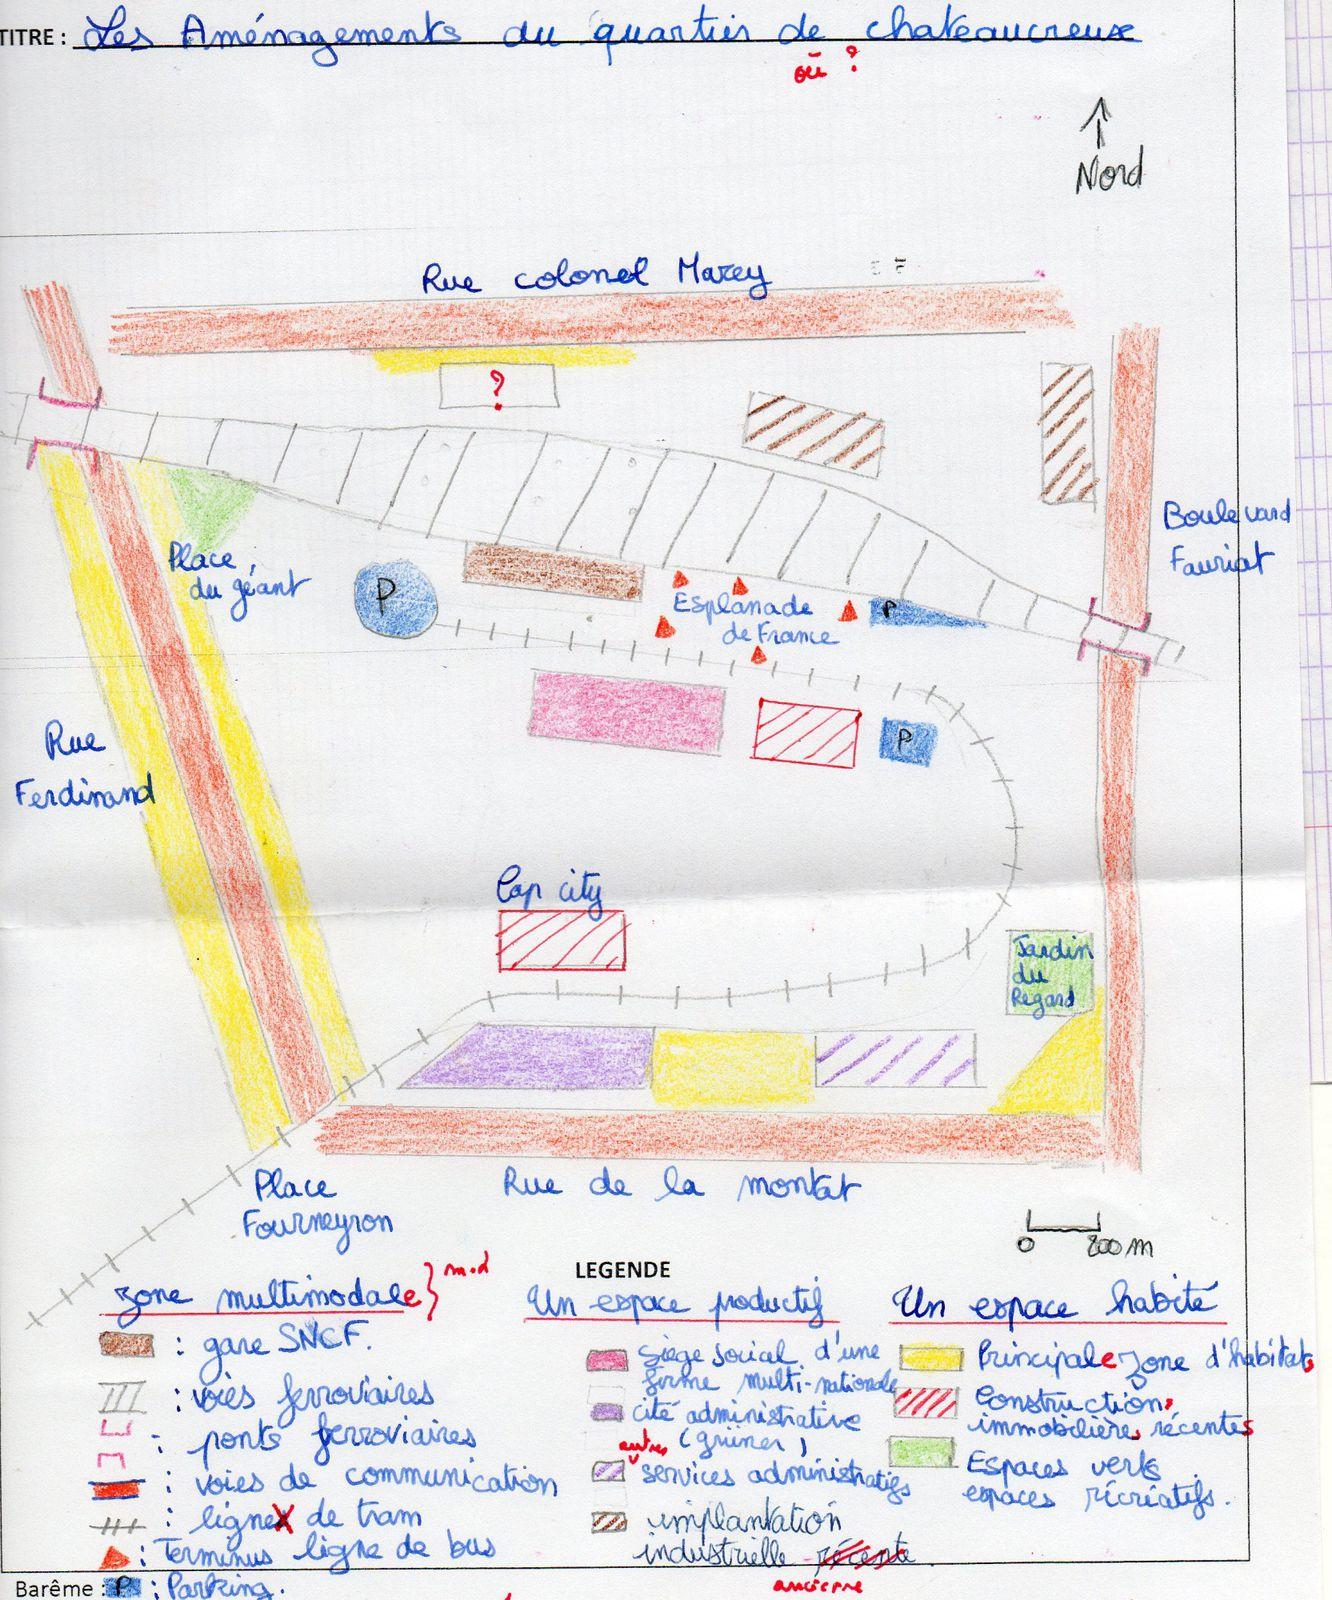 Le travail de Julien V. sur les aménagements récents dans le quartier de Châteaucreux à quelques centaines de mètres du lycée Claude-Fauriel de Saint-Etienne